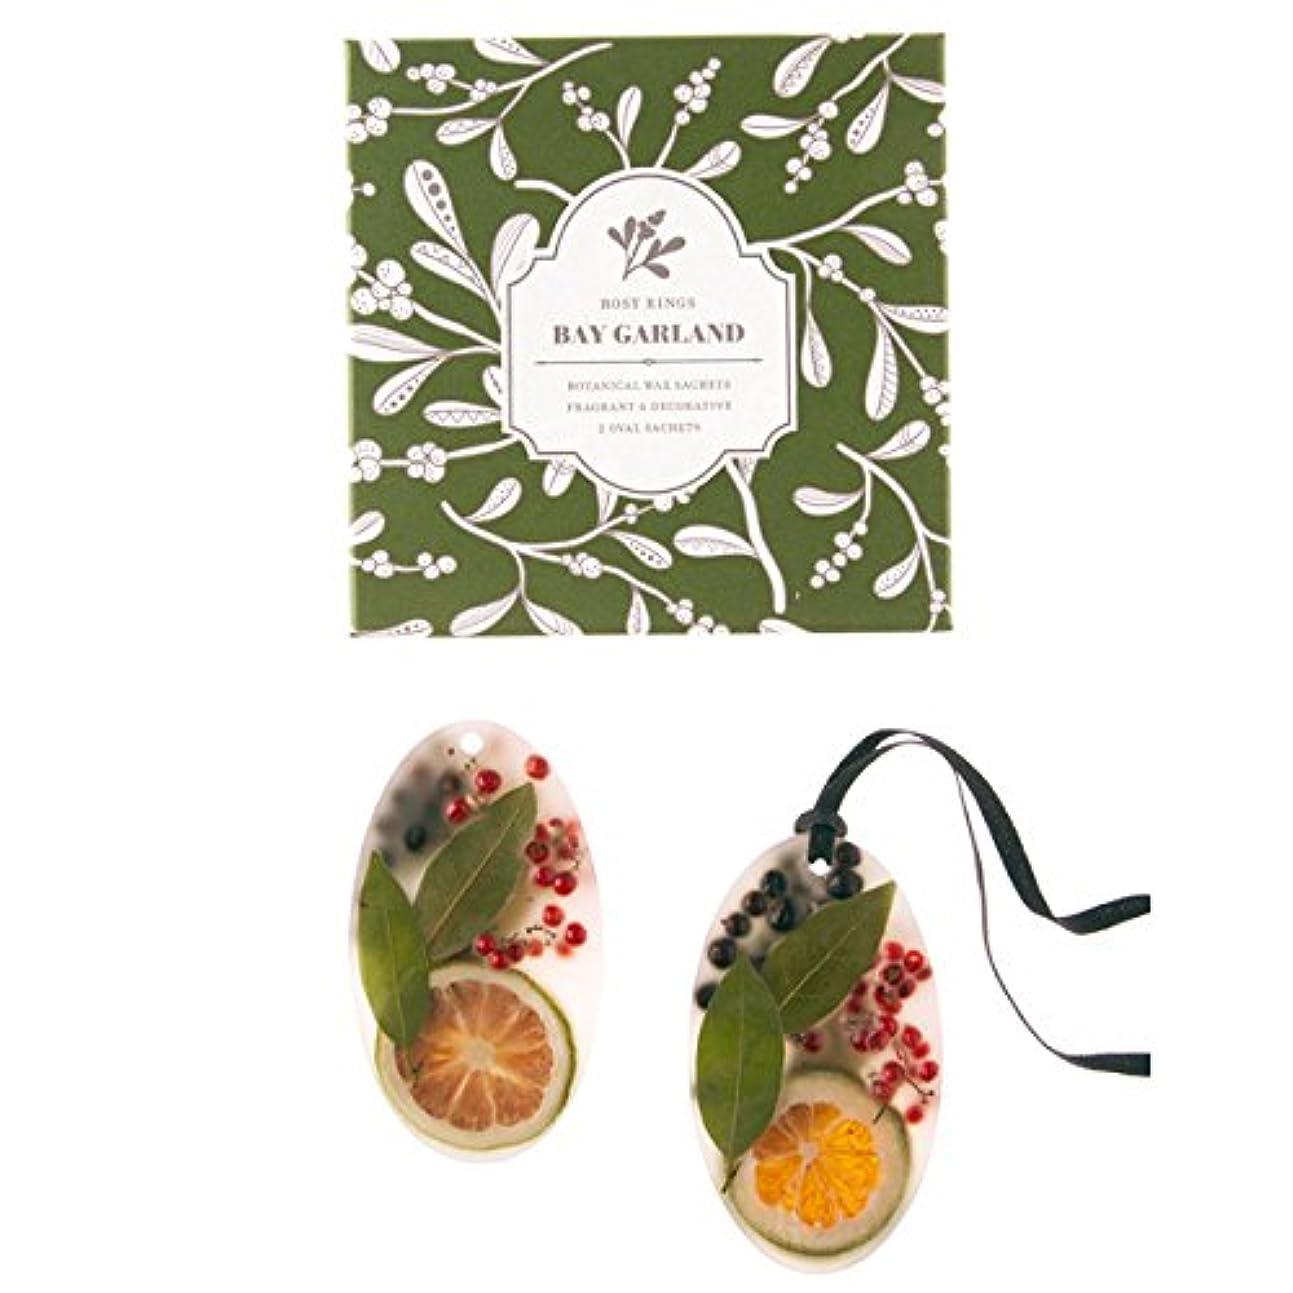 何褐色の頭の上ロージーリングス ボタニカルワックスサシェ オーバル ベイガーランド ROSY RINGS Signature Collection Botanical Wax Sachets – Bay Garland